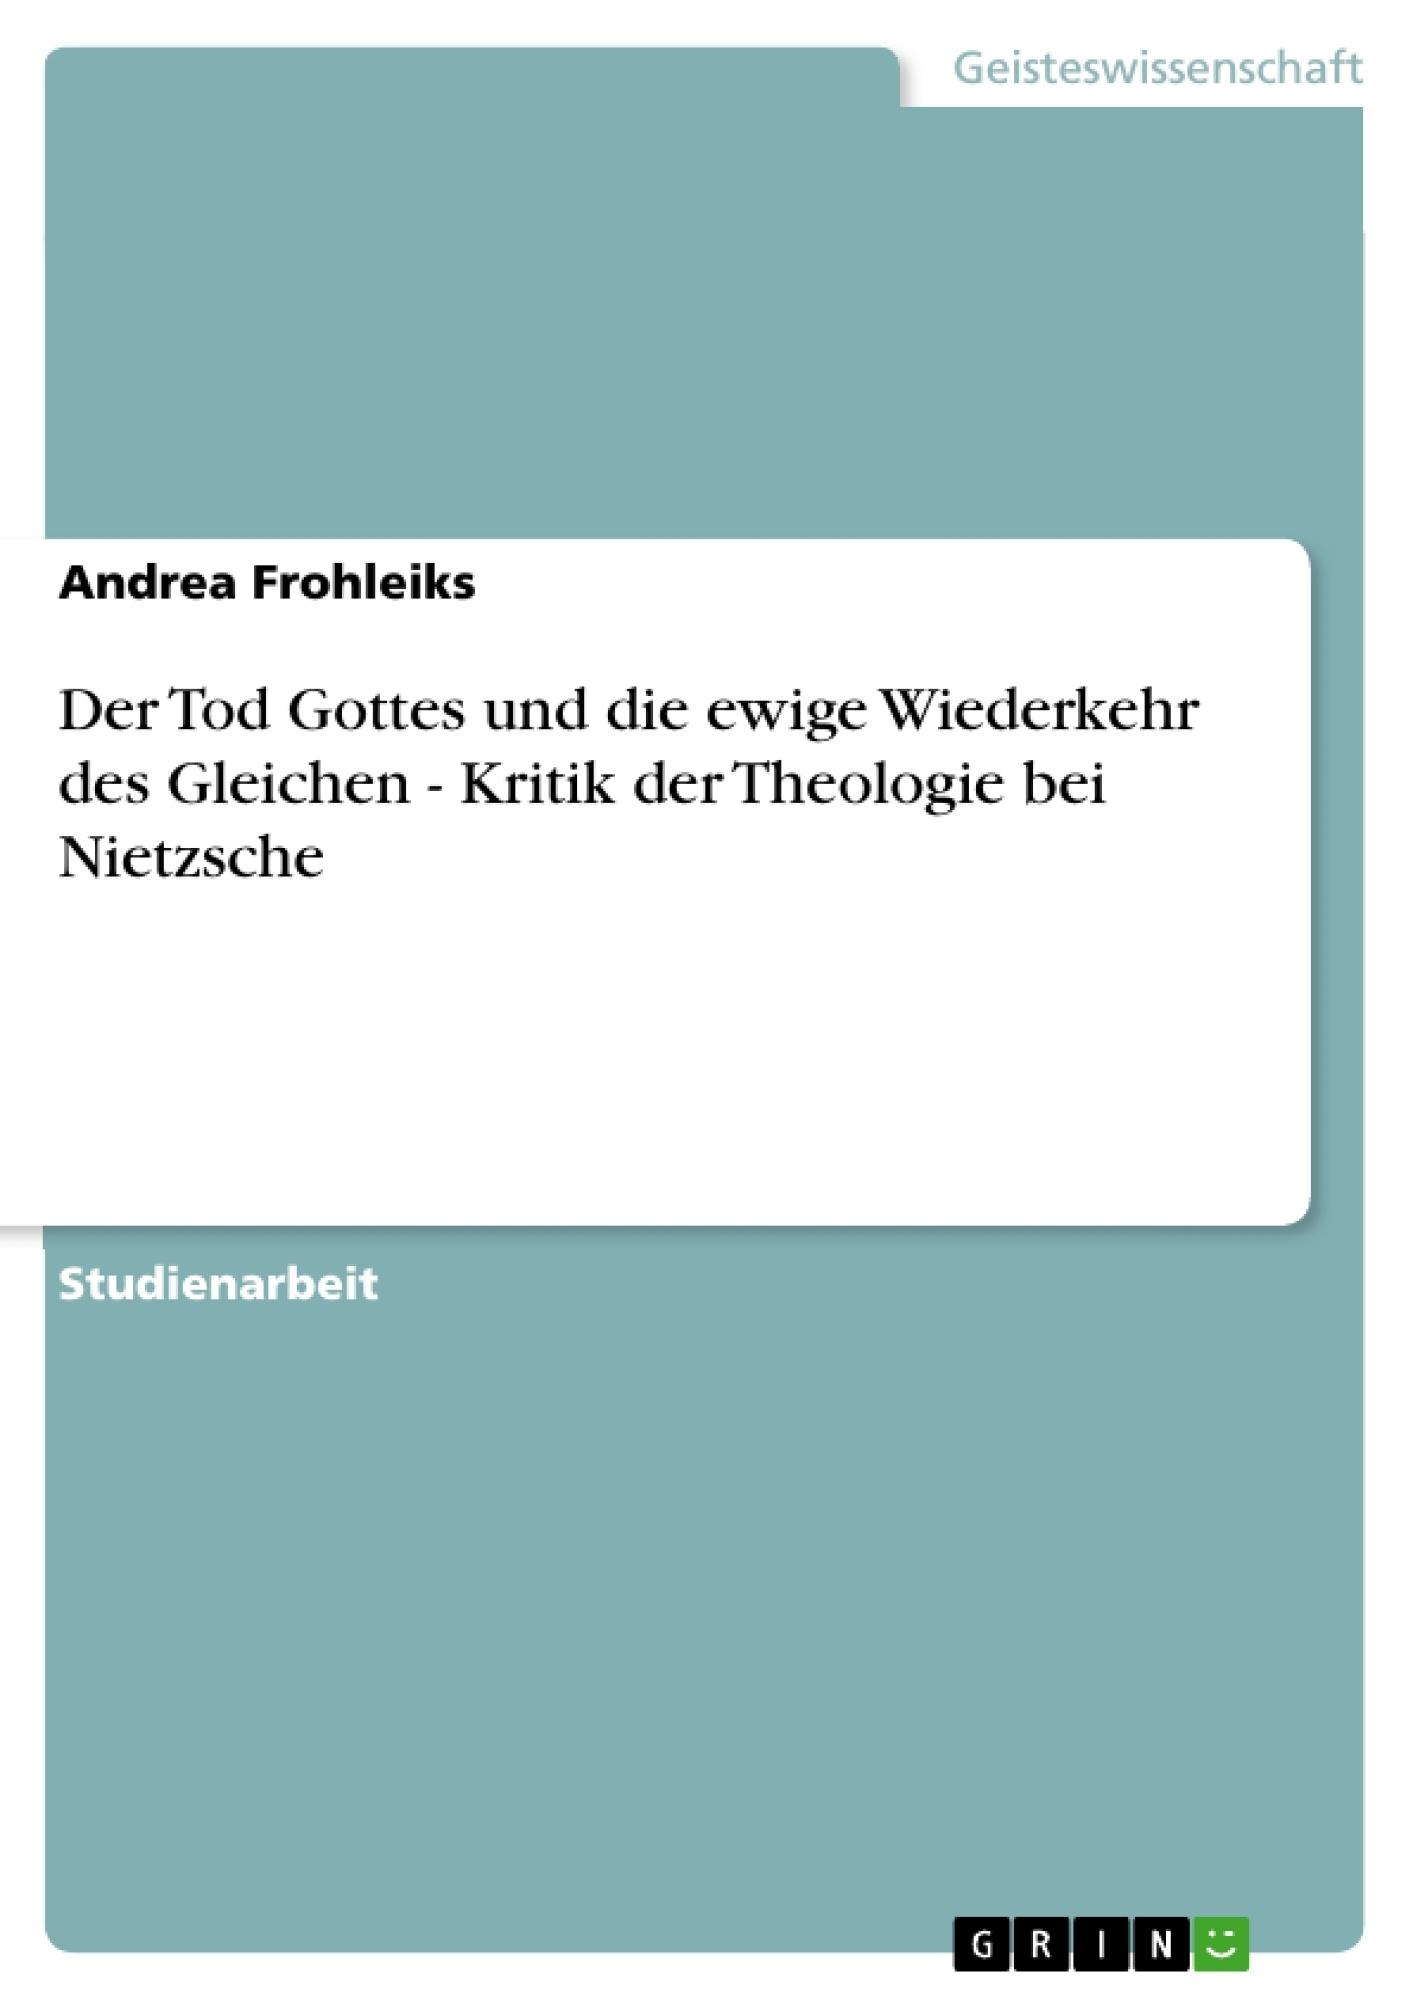 Titel: Der Tod Gottes und  die ewige Wiederkehr des Gleichen - Kritik der Theologie bei Nietzsche